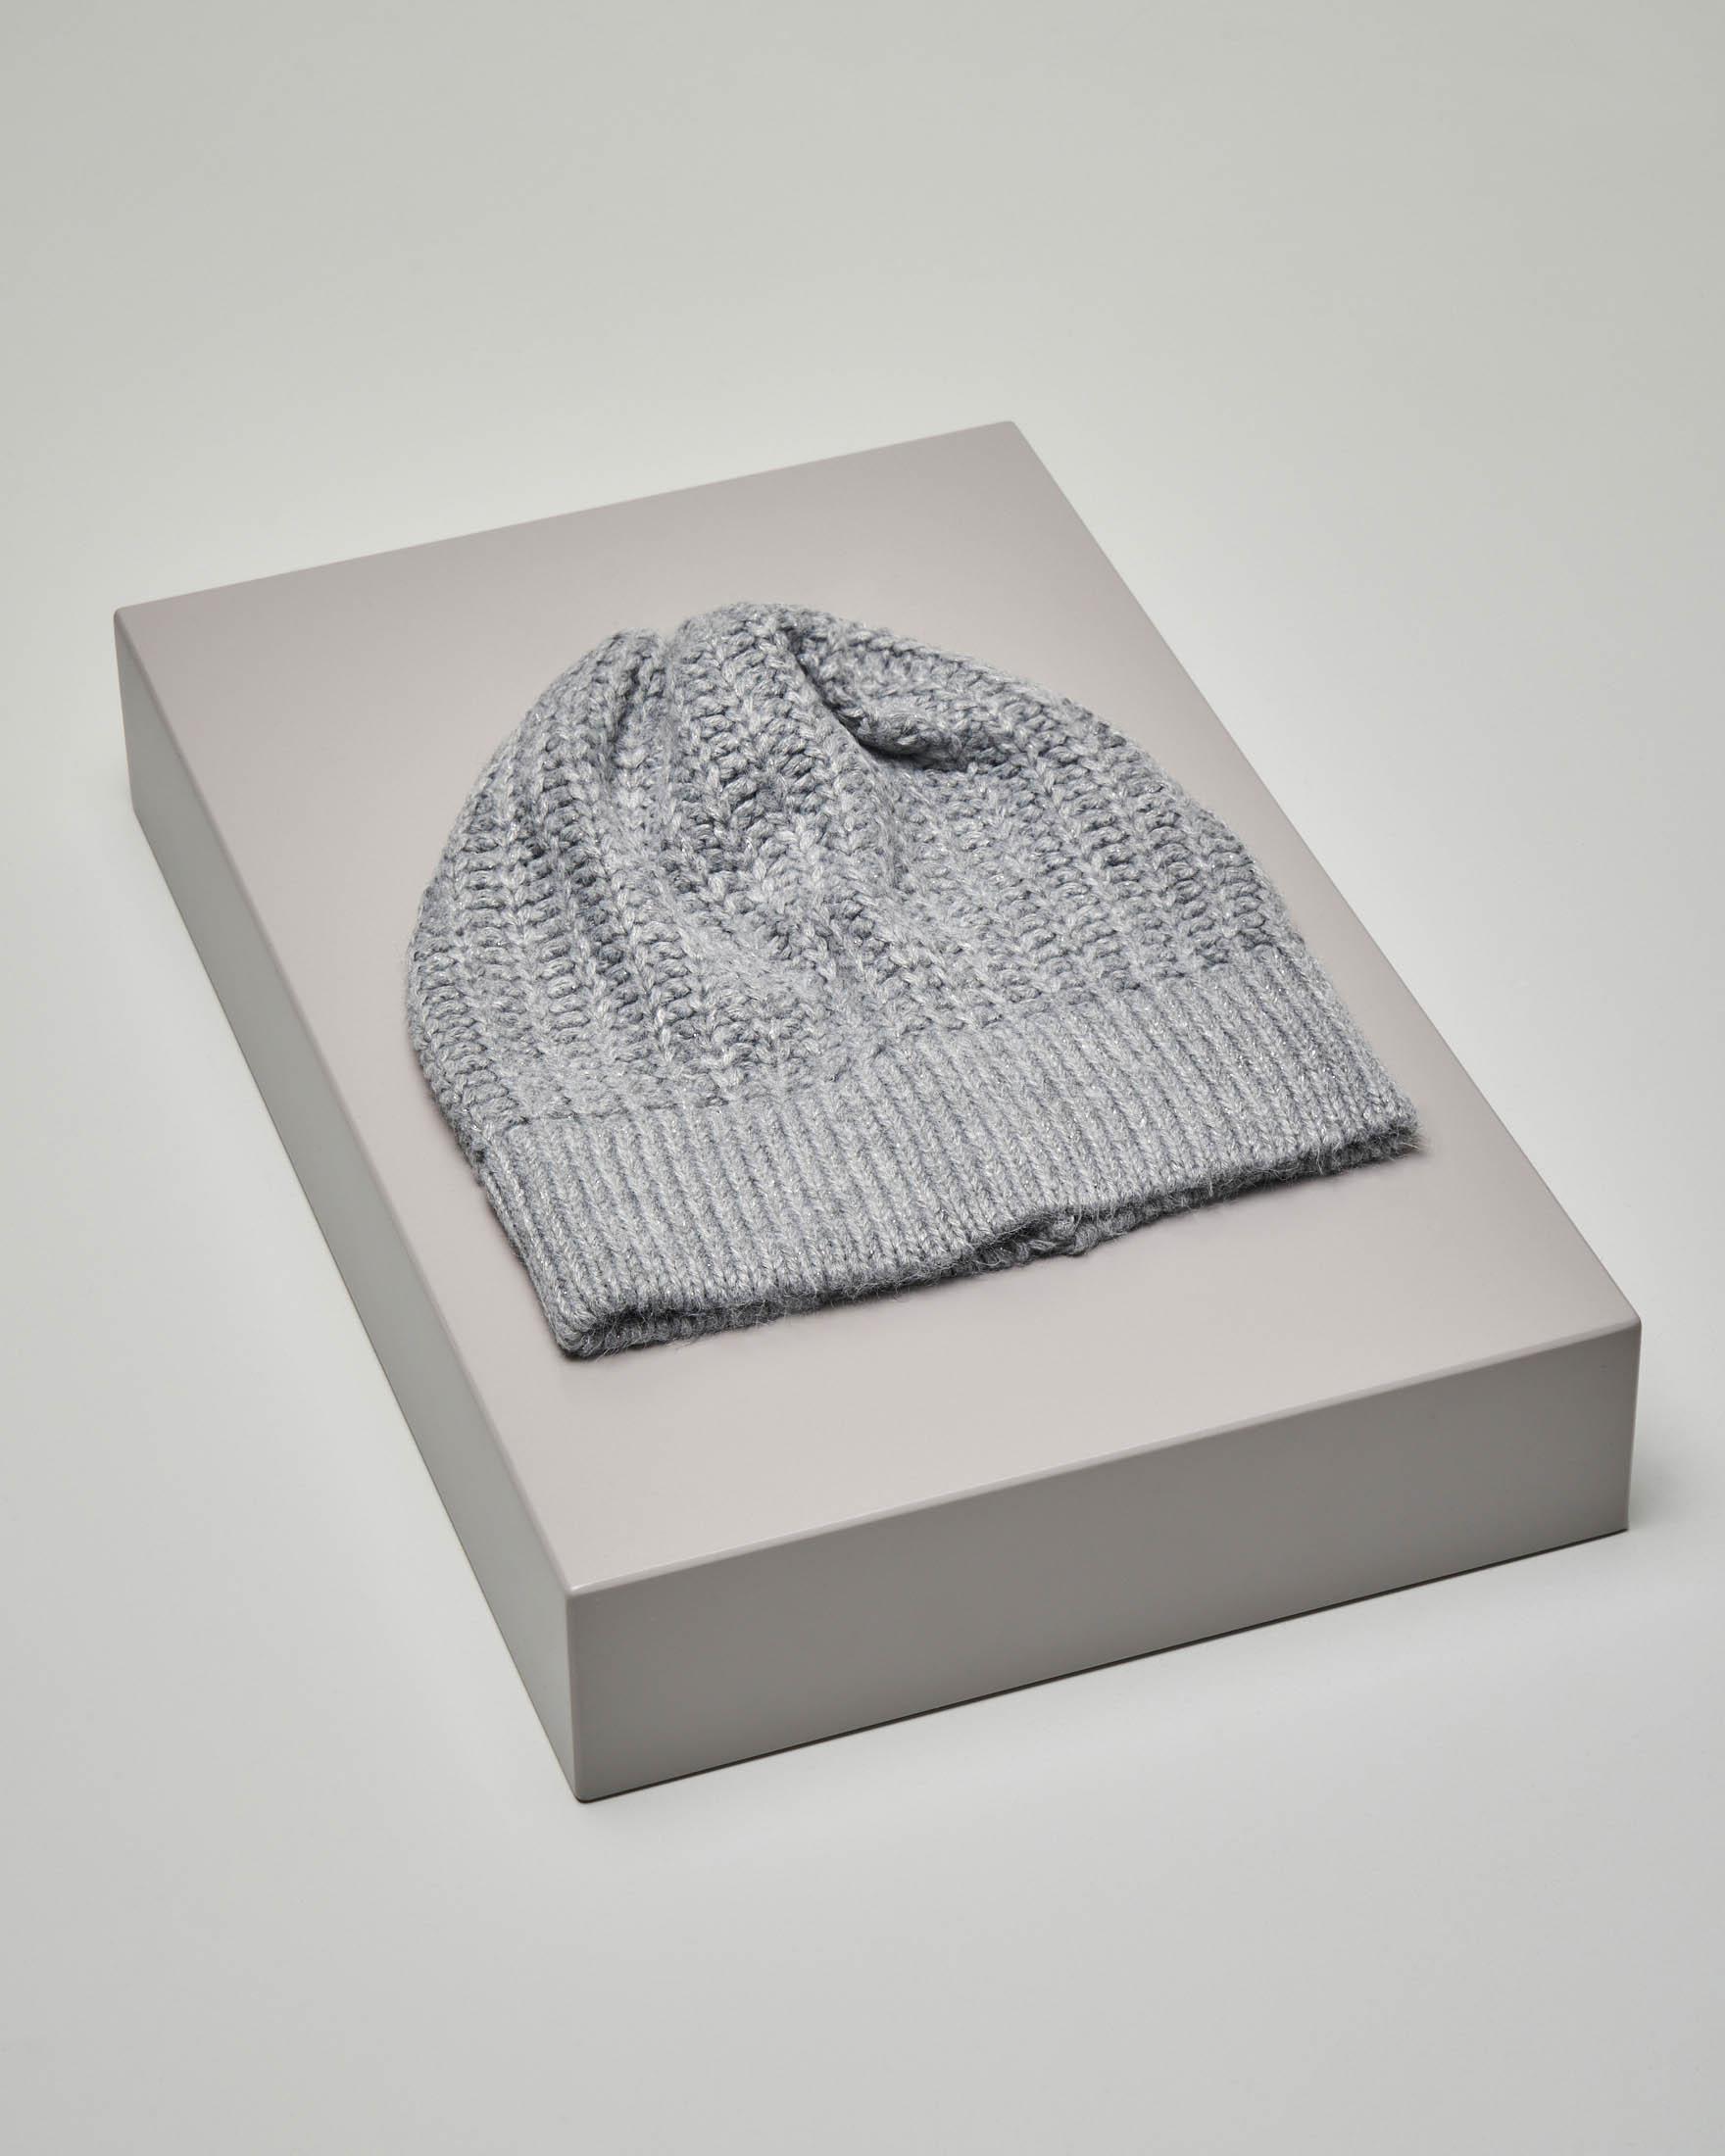 Berretto grigio chiaro tricot in misto lana con inserti in lurex